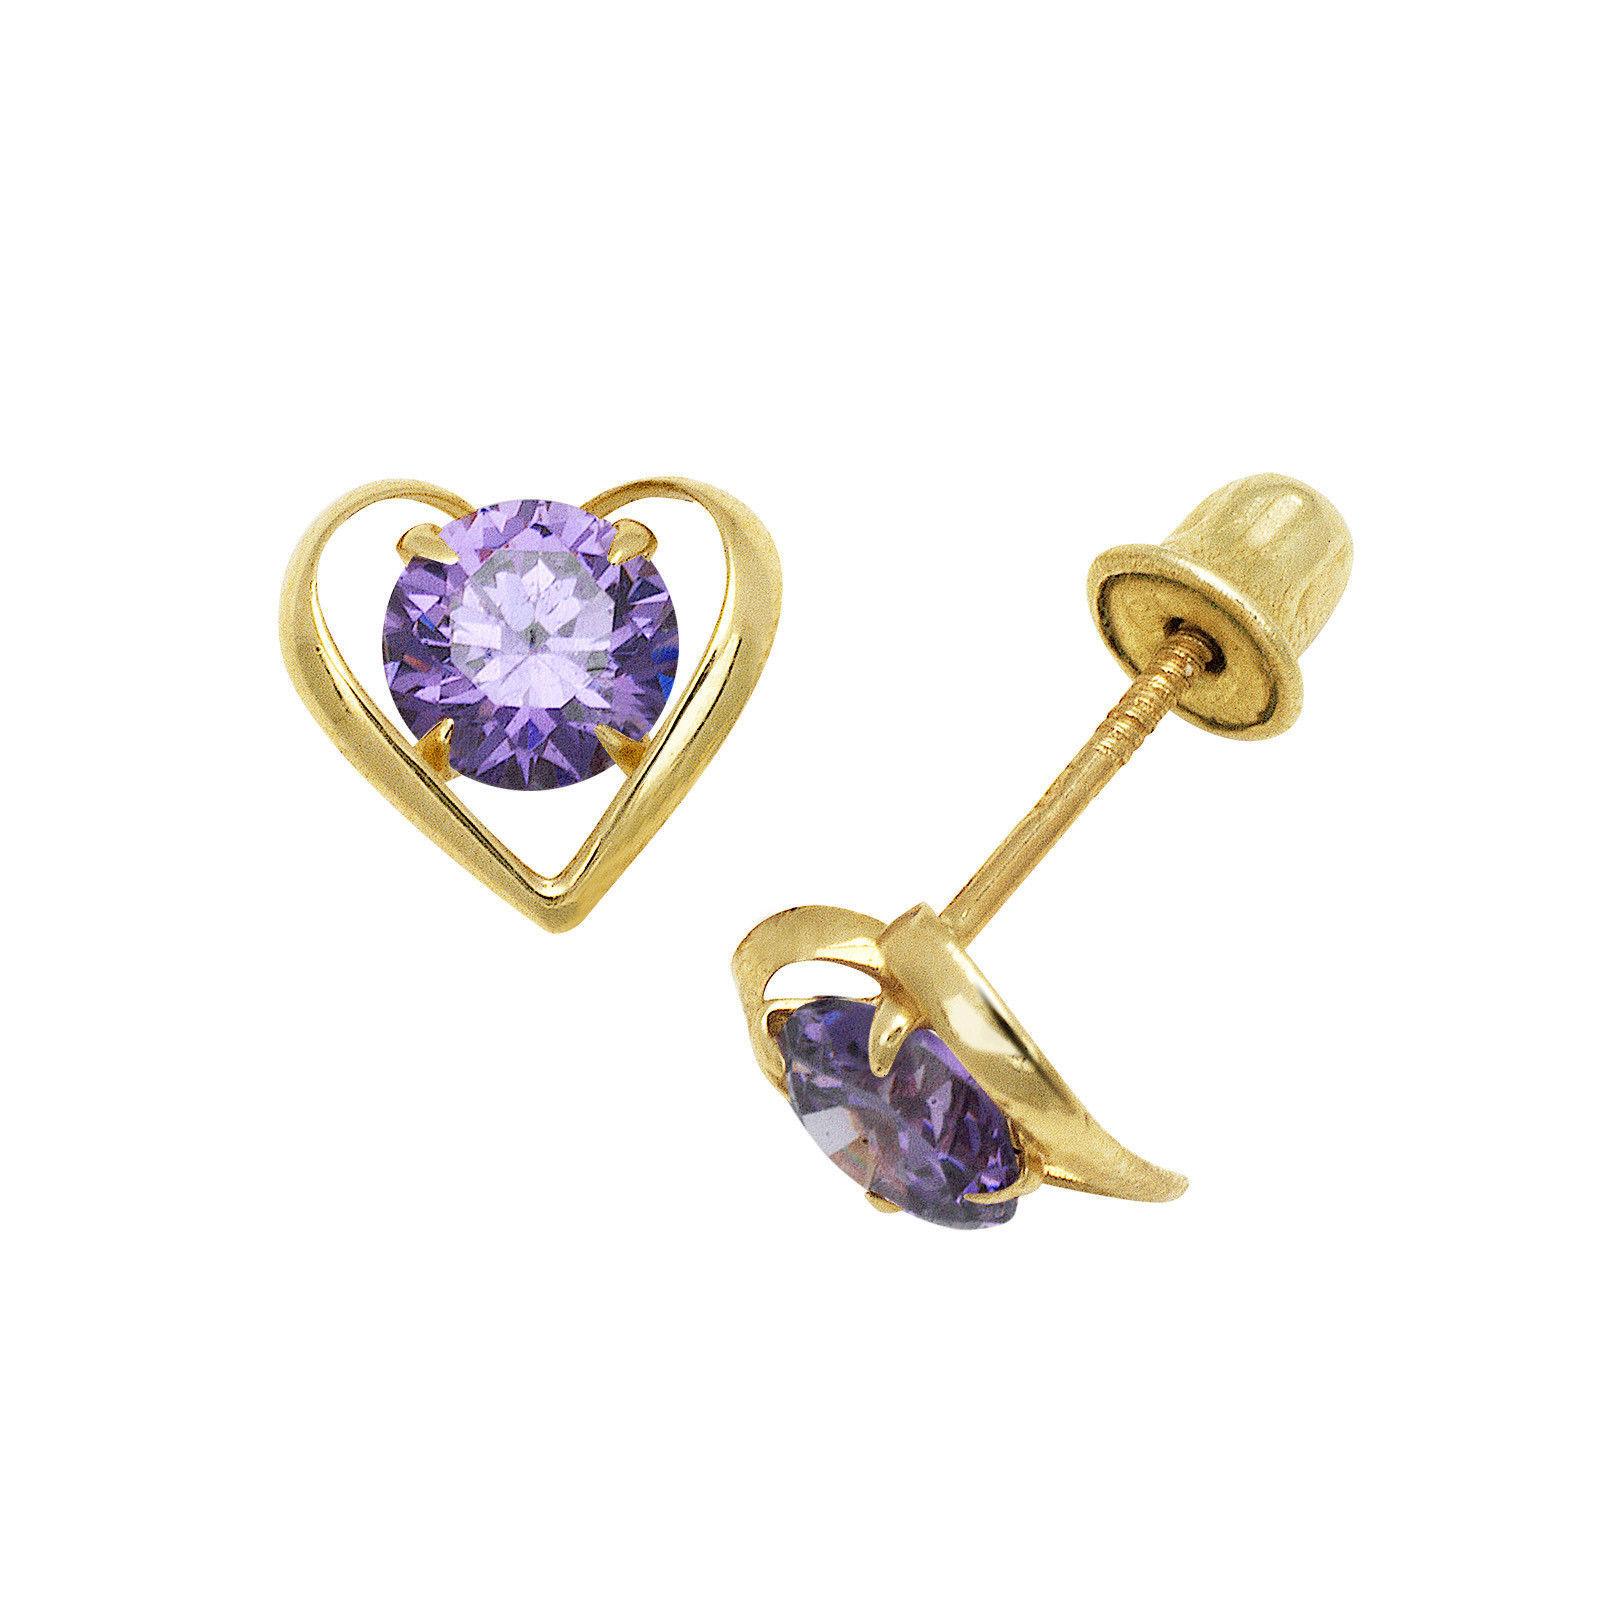 Edelsteine Blau & Weiss Saphir Herz & Blumen Stecker Ohrringe Schrauben Rückseite 14k Gold Ohrschmuck